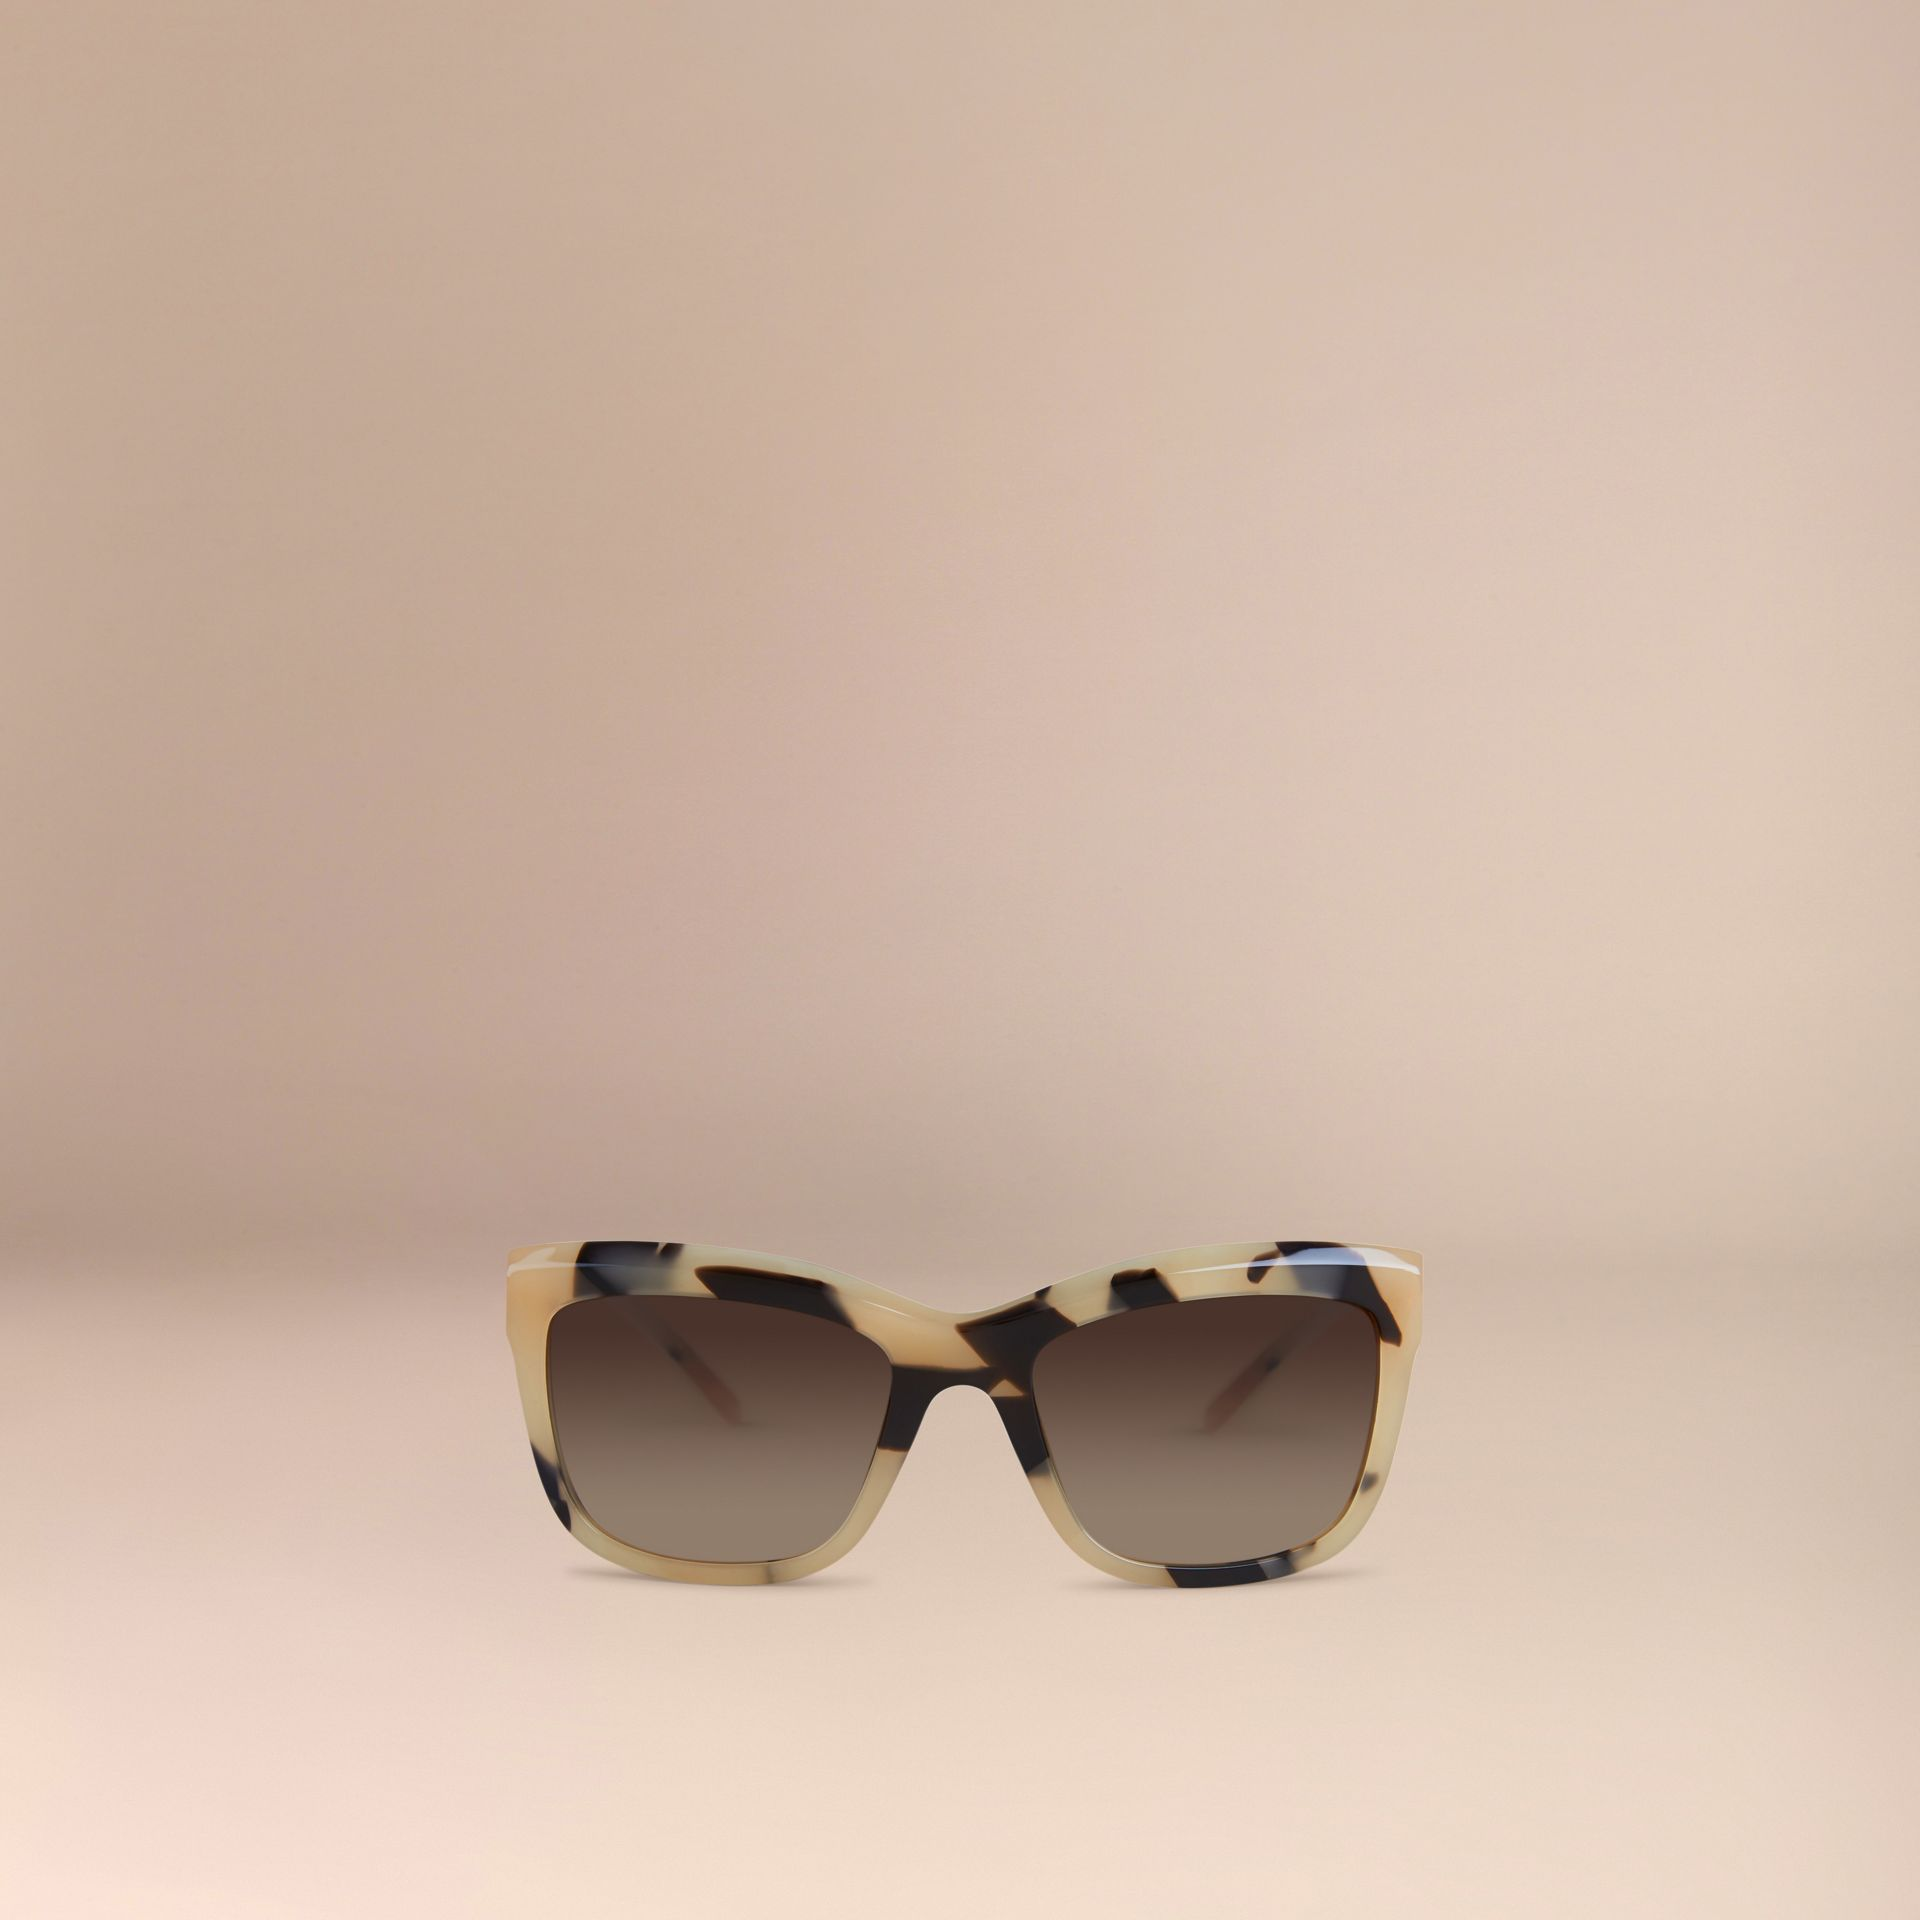 Corne demi-teinte Lunettes de soleil à monture carrée – Collection Dentelle de gabardine Corne Demi-teinte - photo de la galerie 3